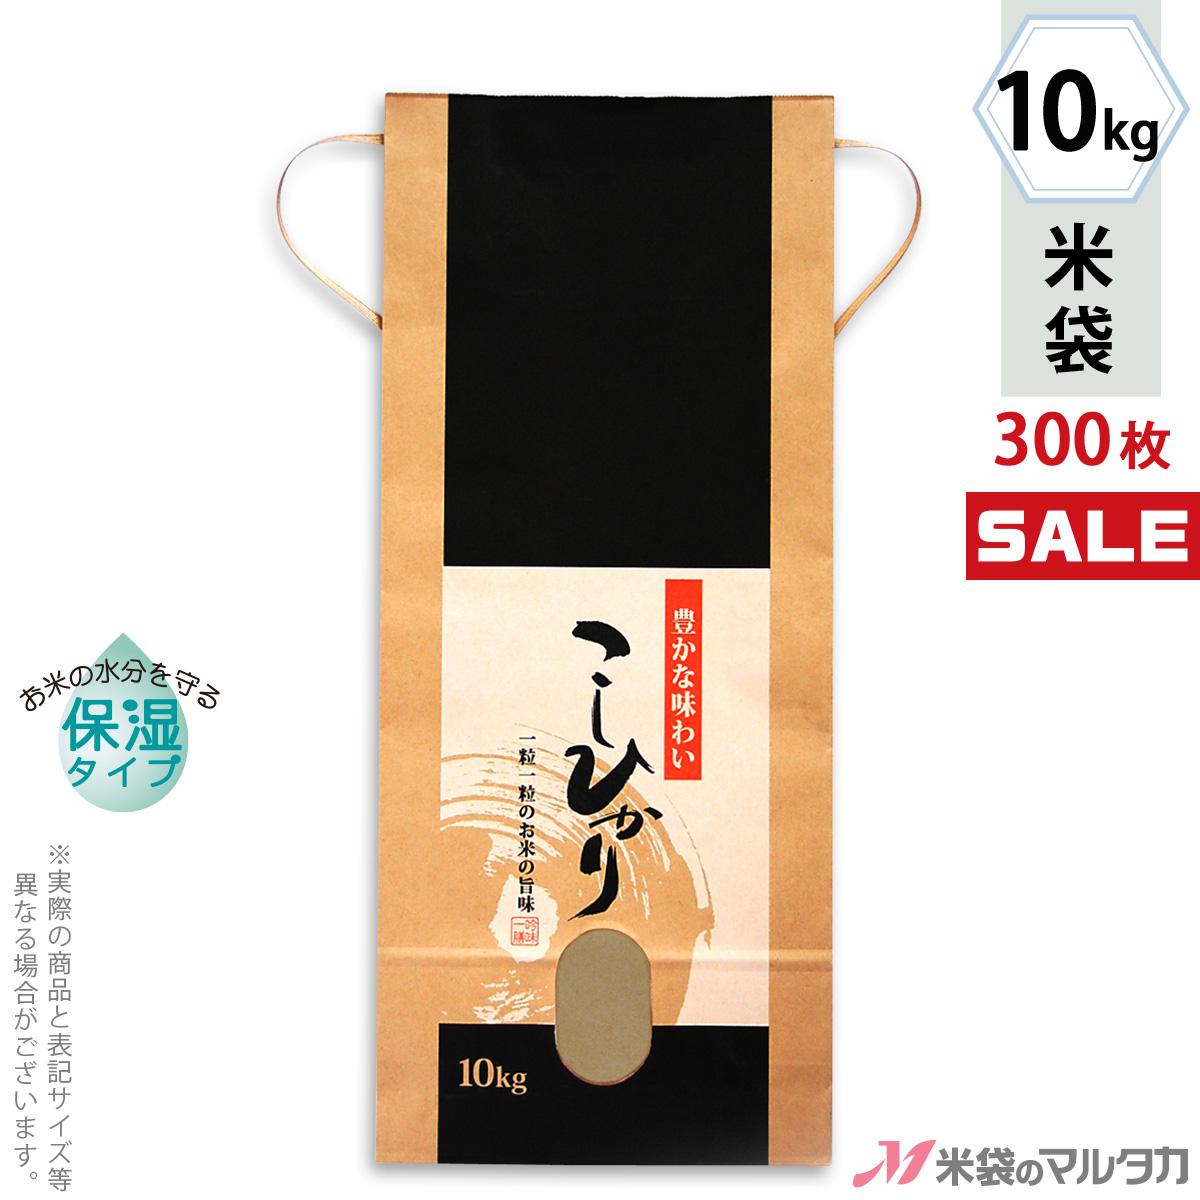 <キャンペーン対応>米袋 KHP-004 マルタカ クラフトSP 保湿タイプ こしひかり 円楽 窓付 角底 10kg用紐付 【米袋 10kg】【1ケース(300枚入)】